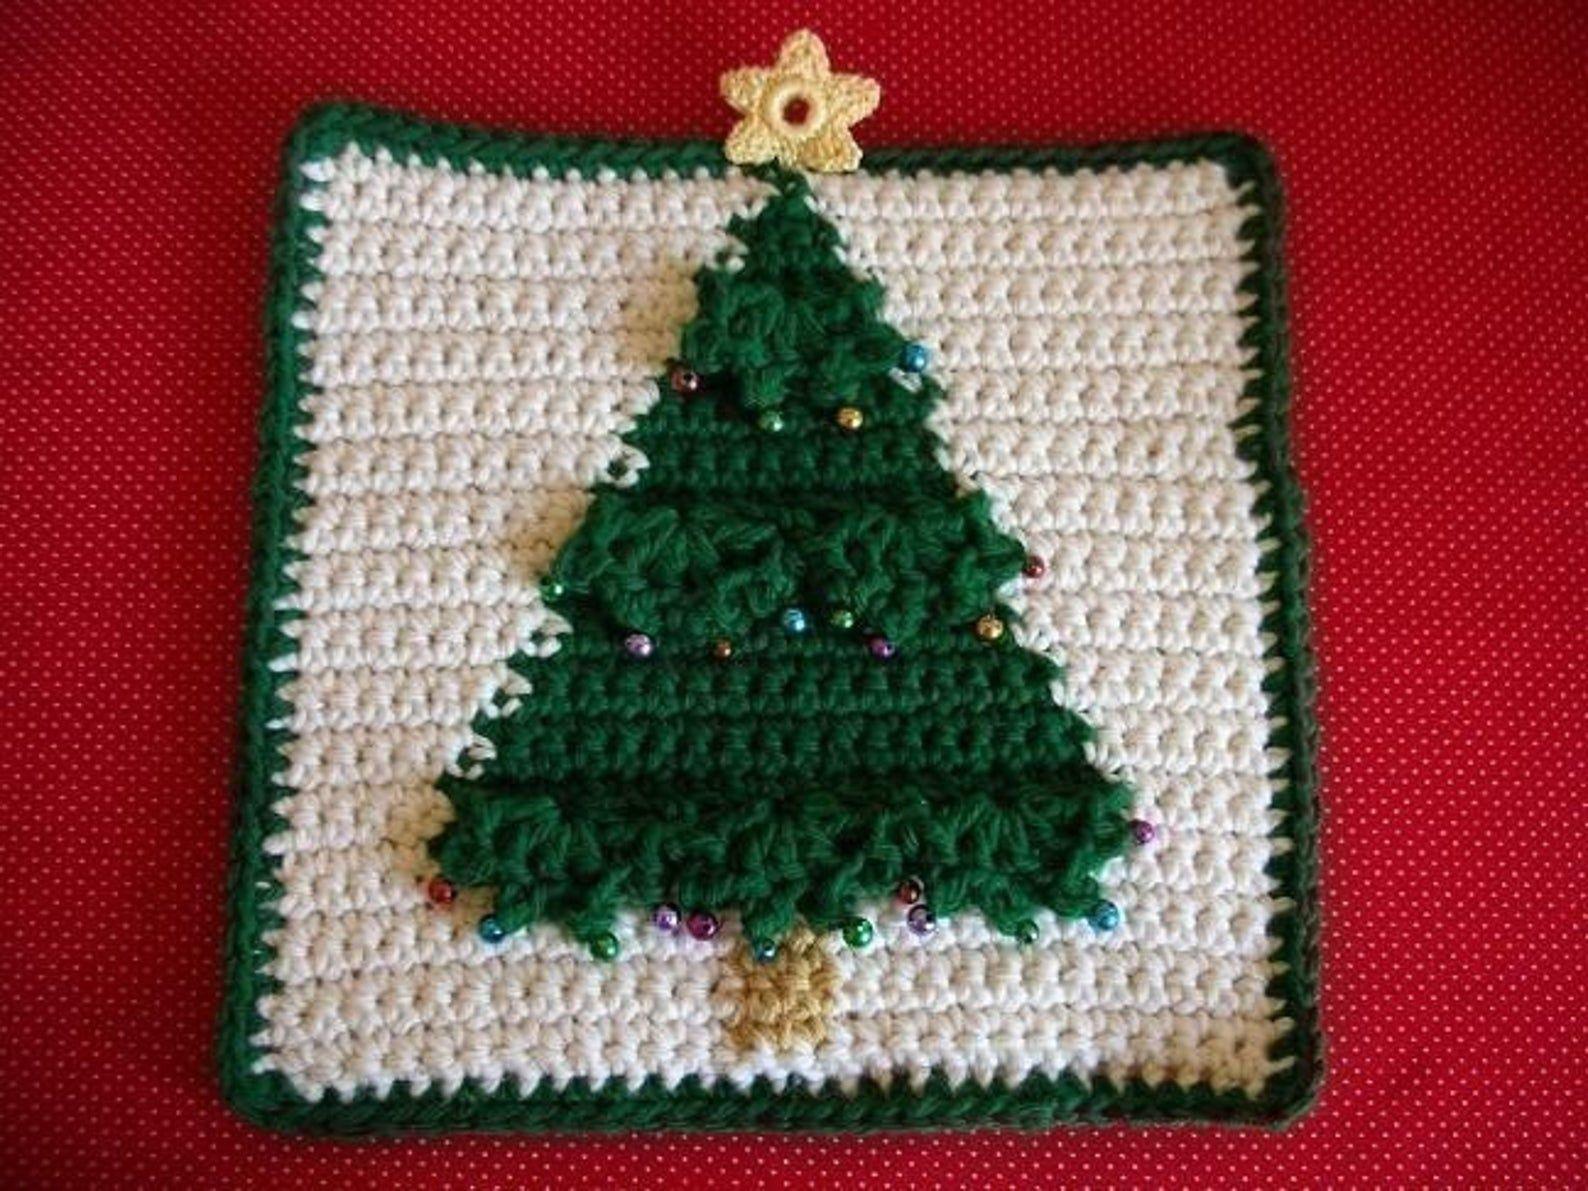 Christmas Tree Potholder Crochet Pattern In 2020 Crochet Potholder Patterns Potholder Patterns Crochet Potholders